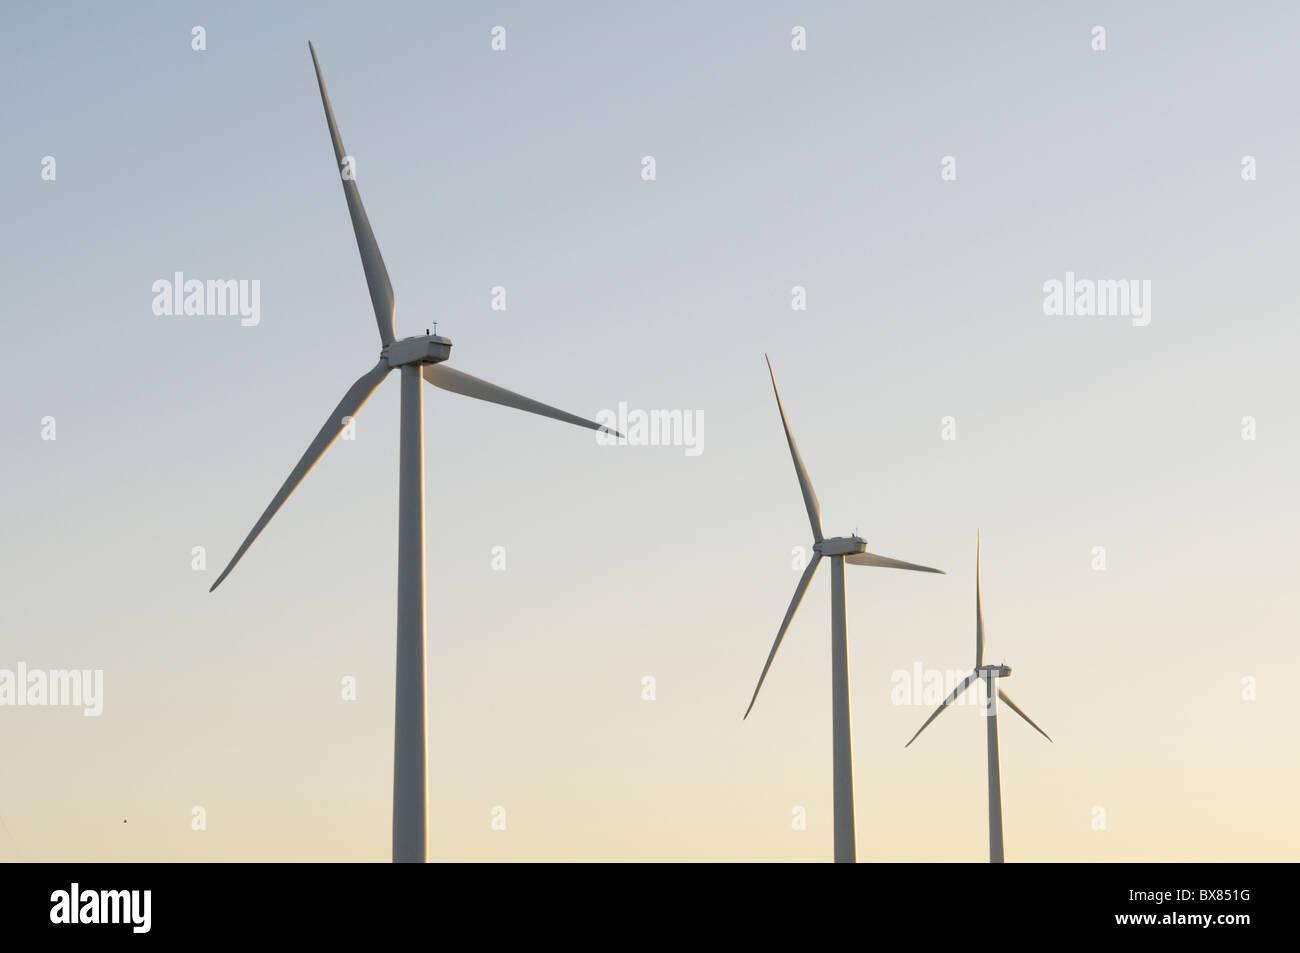 Three wind turbines at dawn - Stock Image